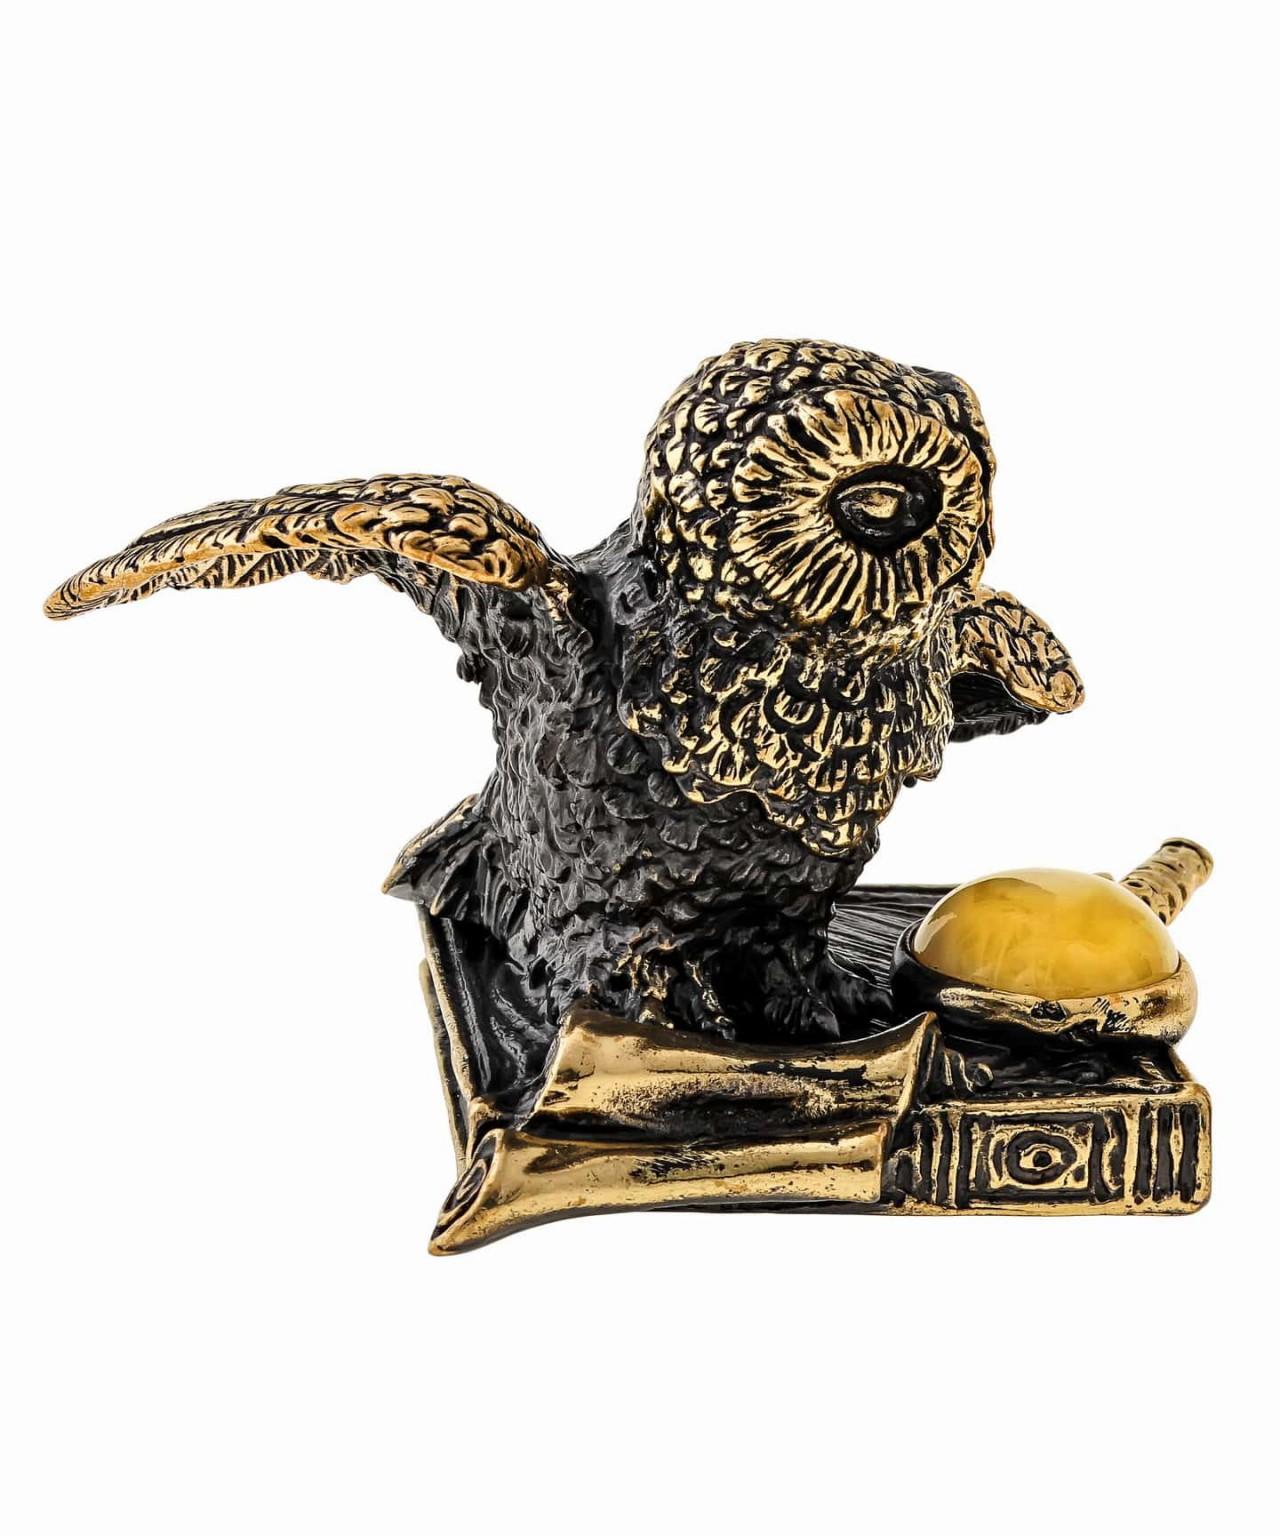 Птица Сова на книжке с лупой 1481